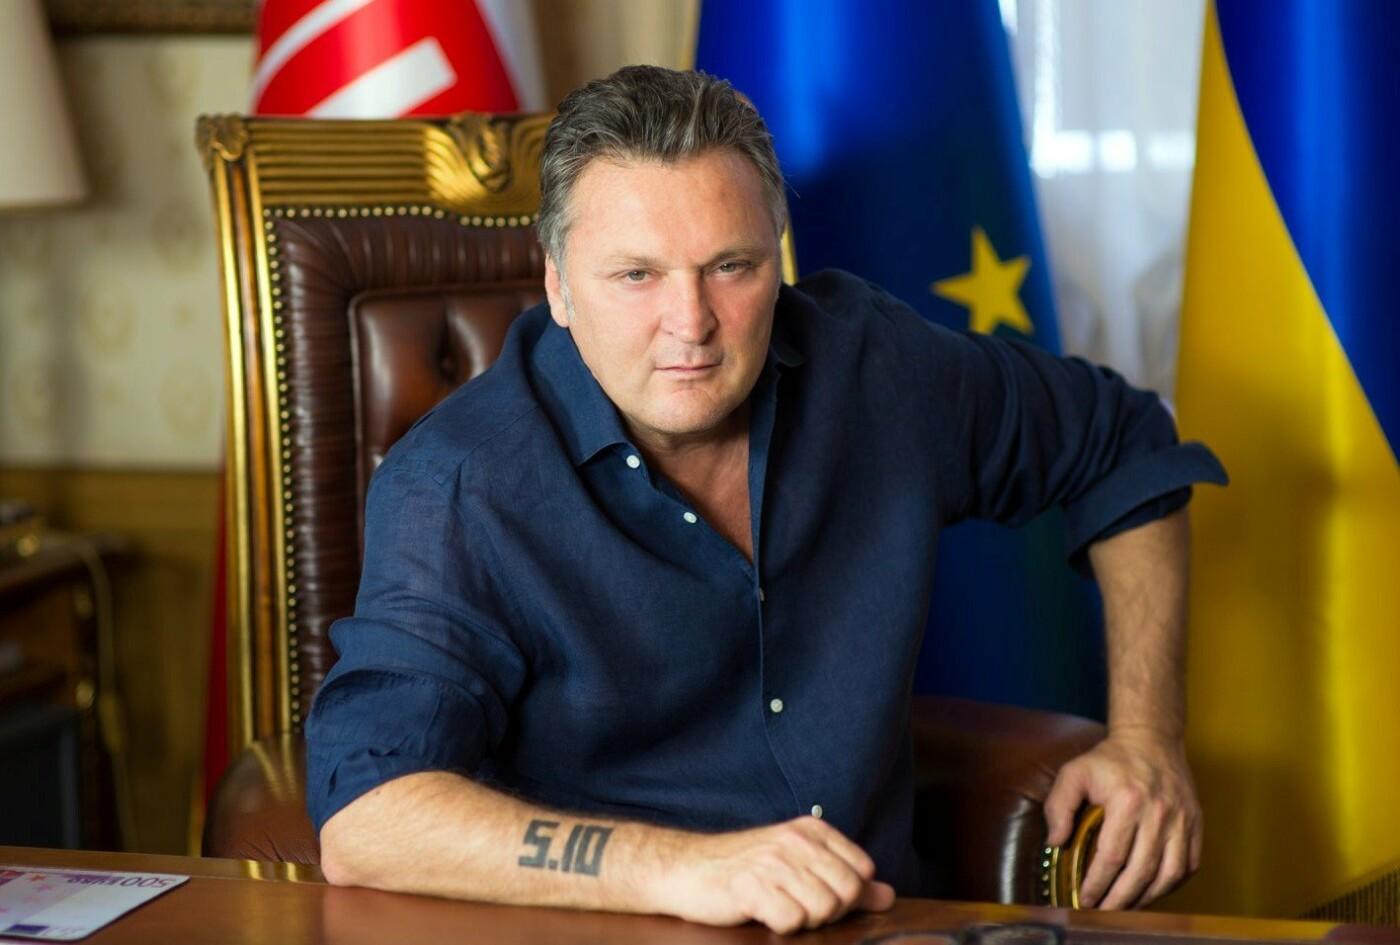 Глава либертарианцев Украины предложил всем, кто не согласен с украинизацией, бежать из страны